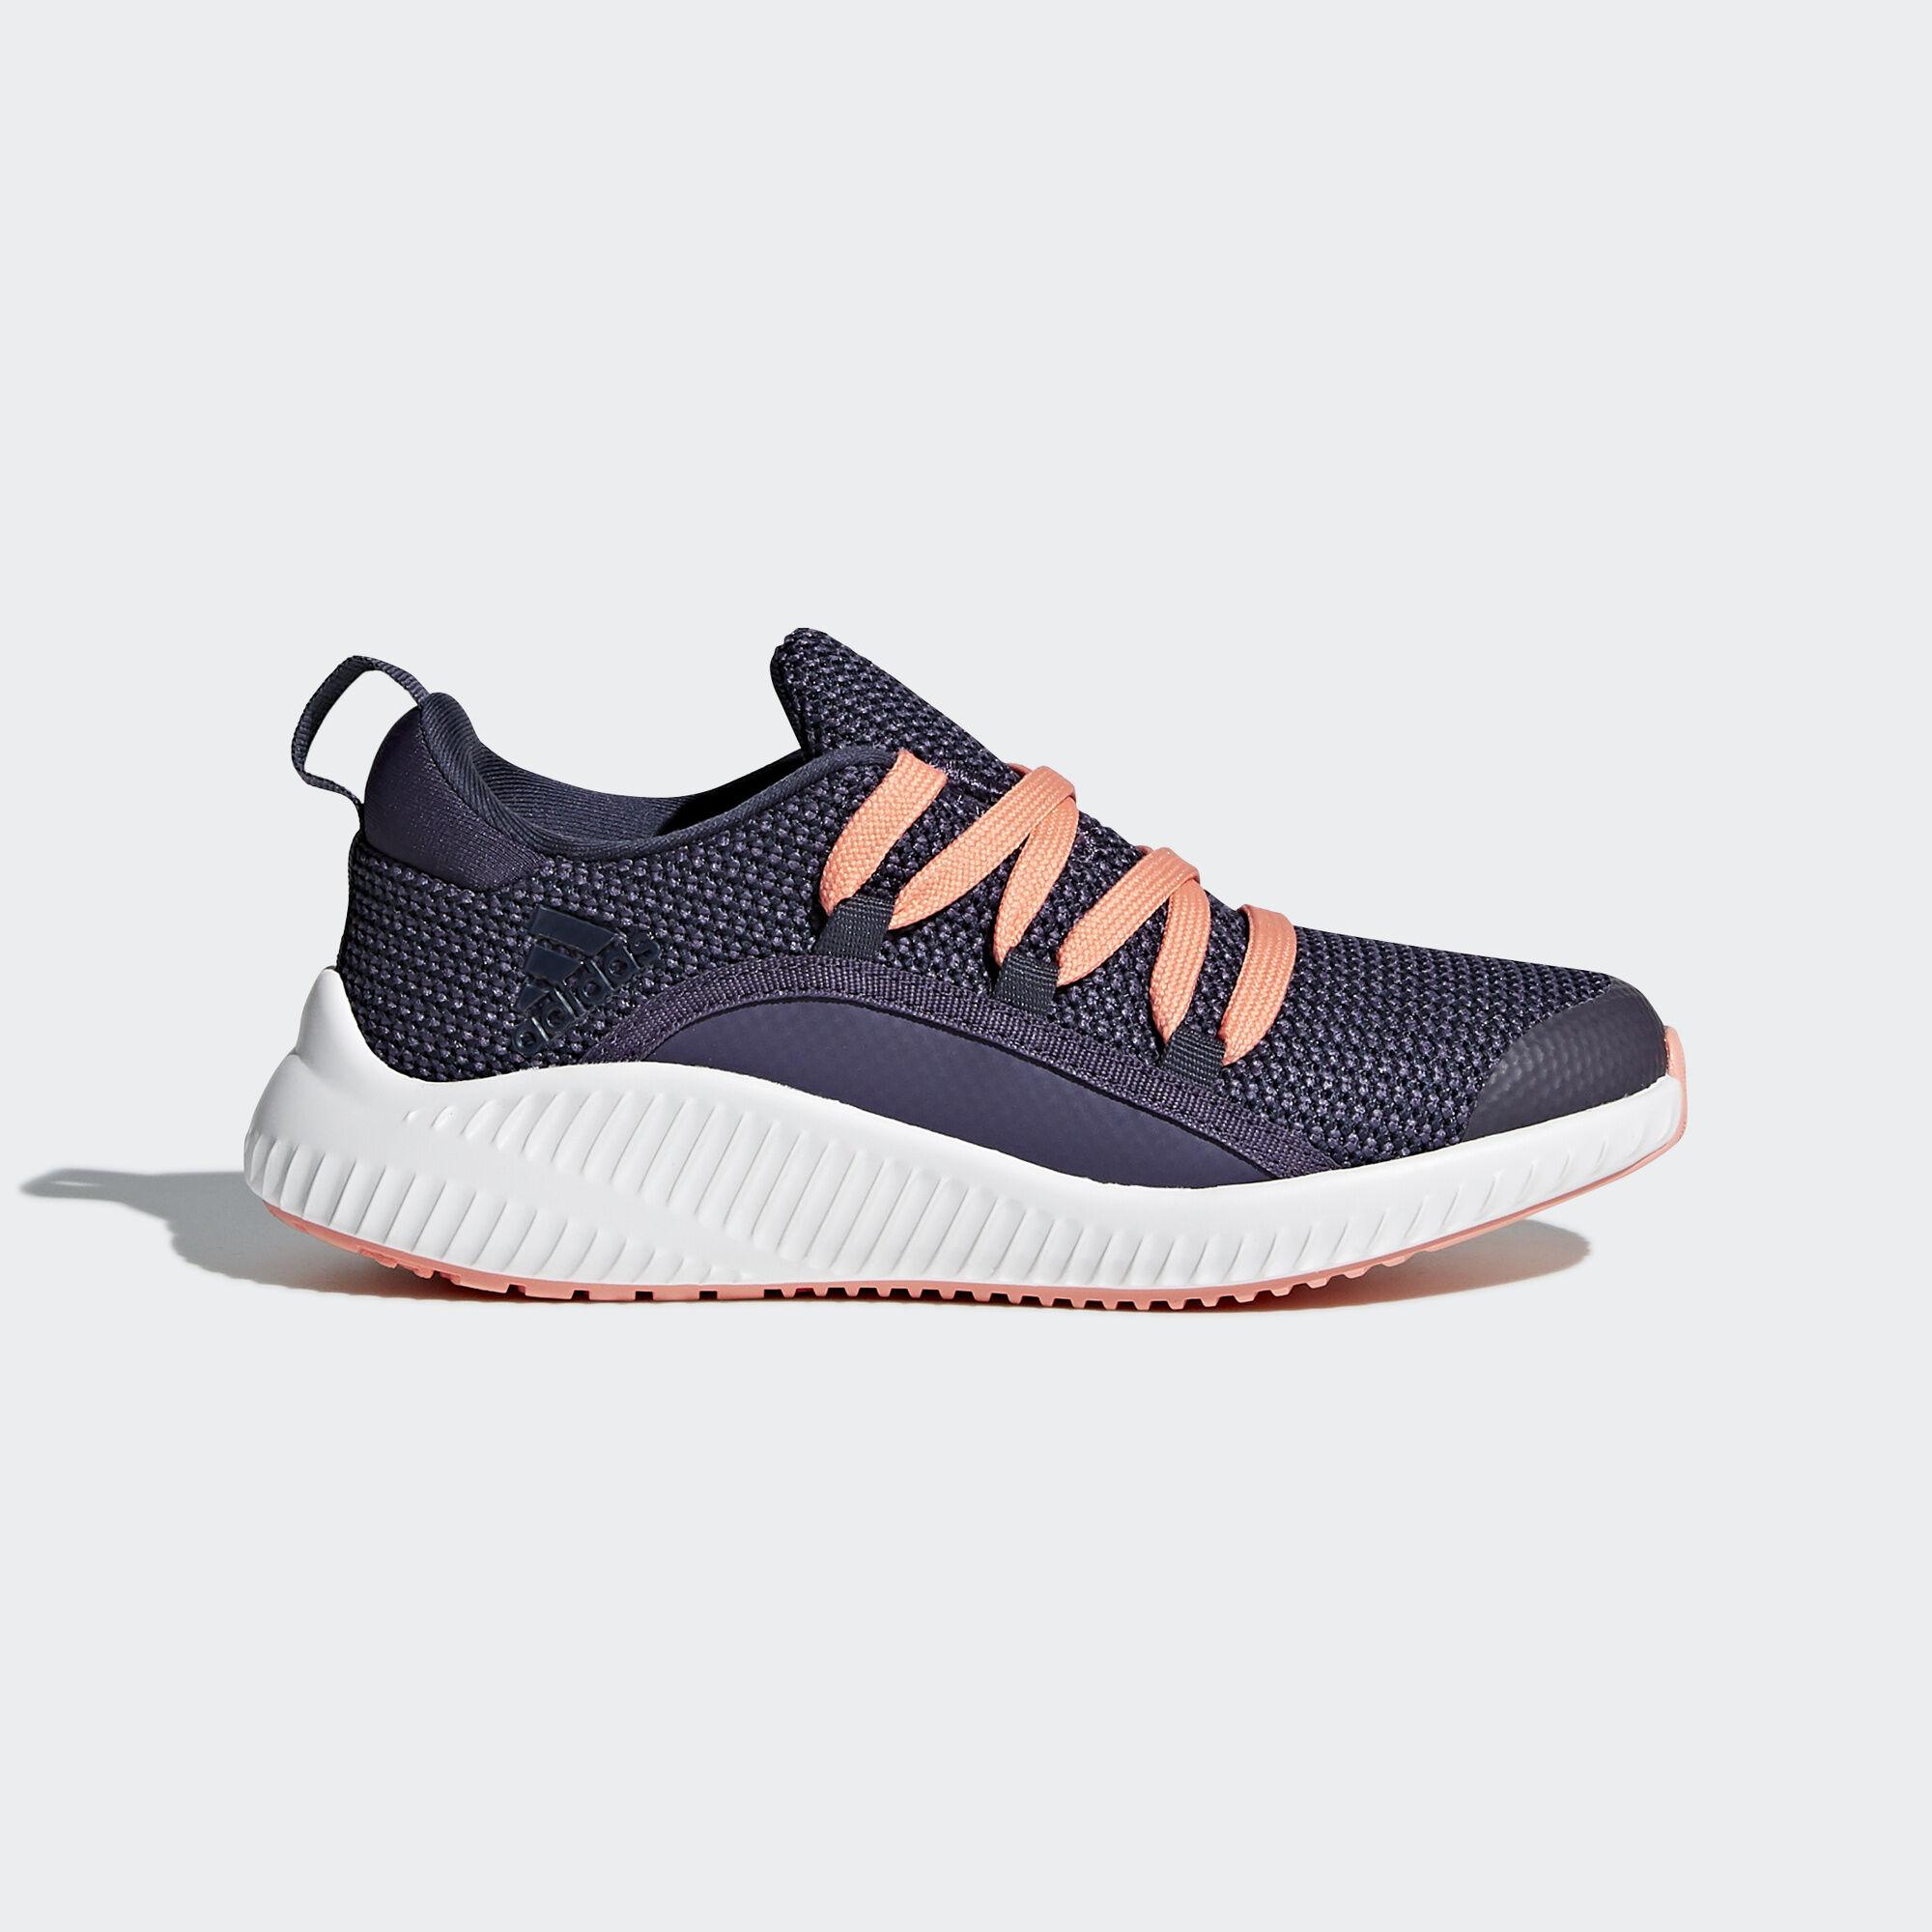 Adidas Zapatilla FortaRun X Sitios web en línea Compre barato 100% auténtico Barato para Niza Venta barata muy barata 2tBvF